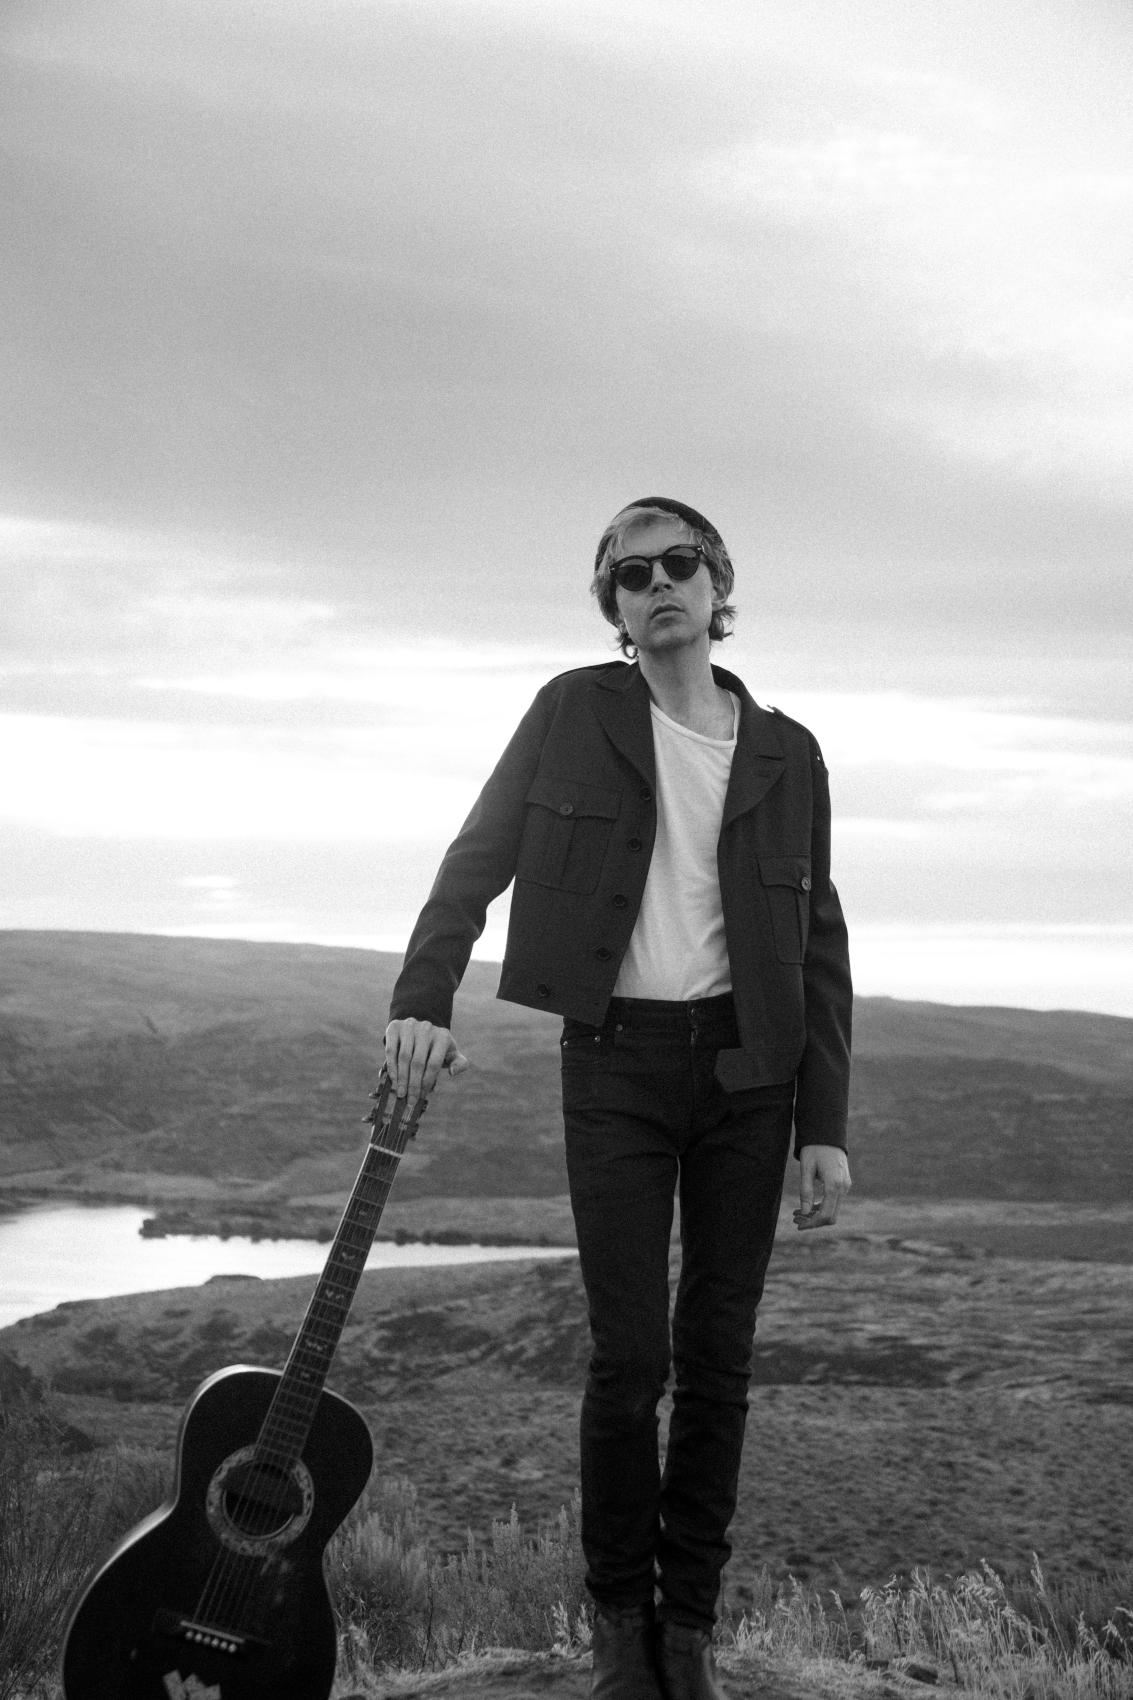 Beck zapowiada nową płytę utworem Dark Places